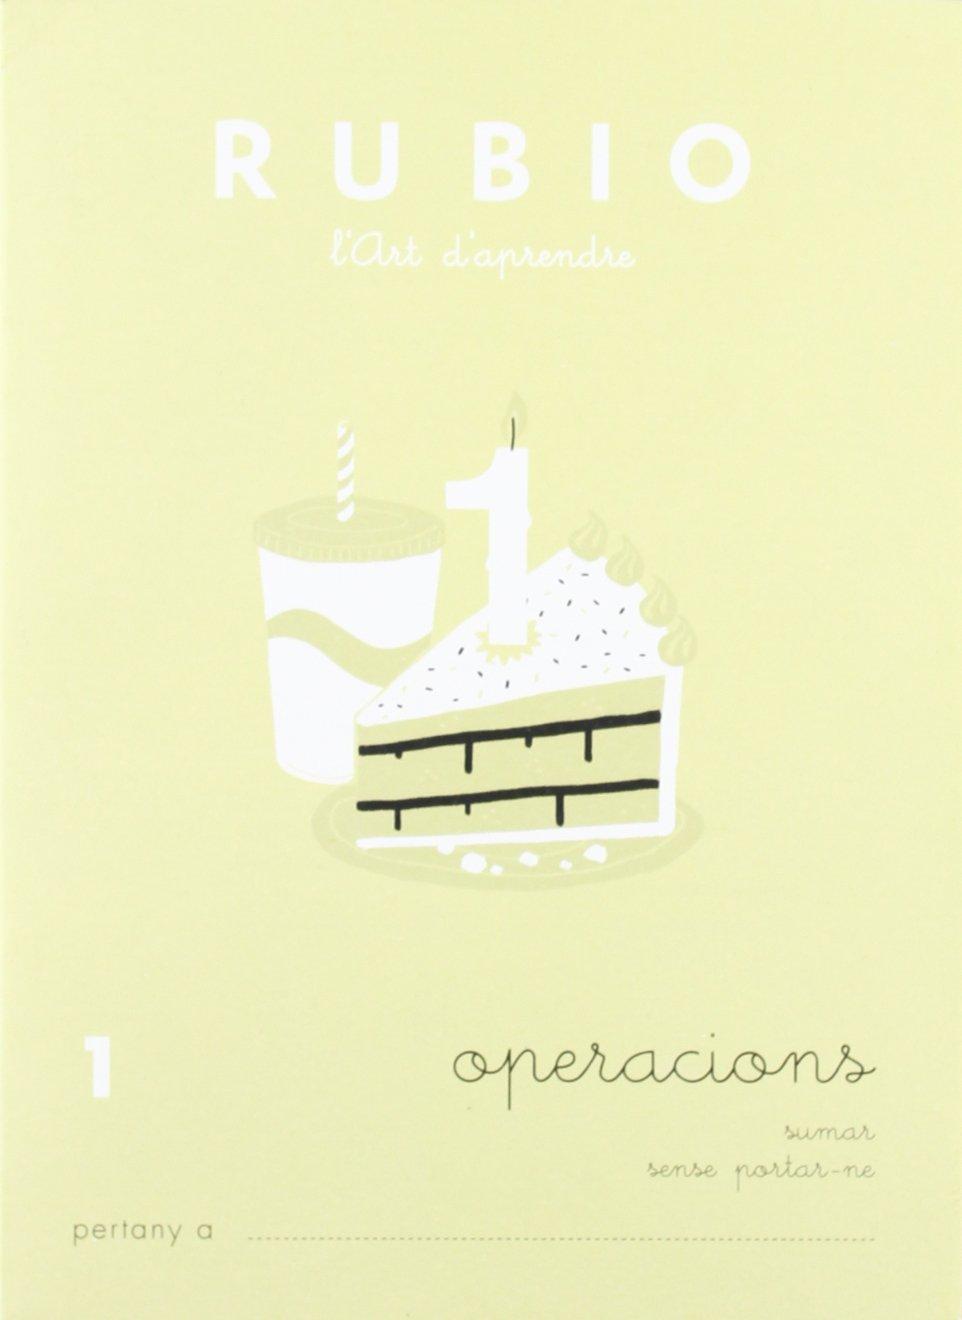 Rubio OP1 CAT - Cuaderno operaciones: Enrique Rubio Polo: Amazon.es: Oficina y papelería